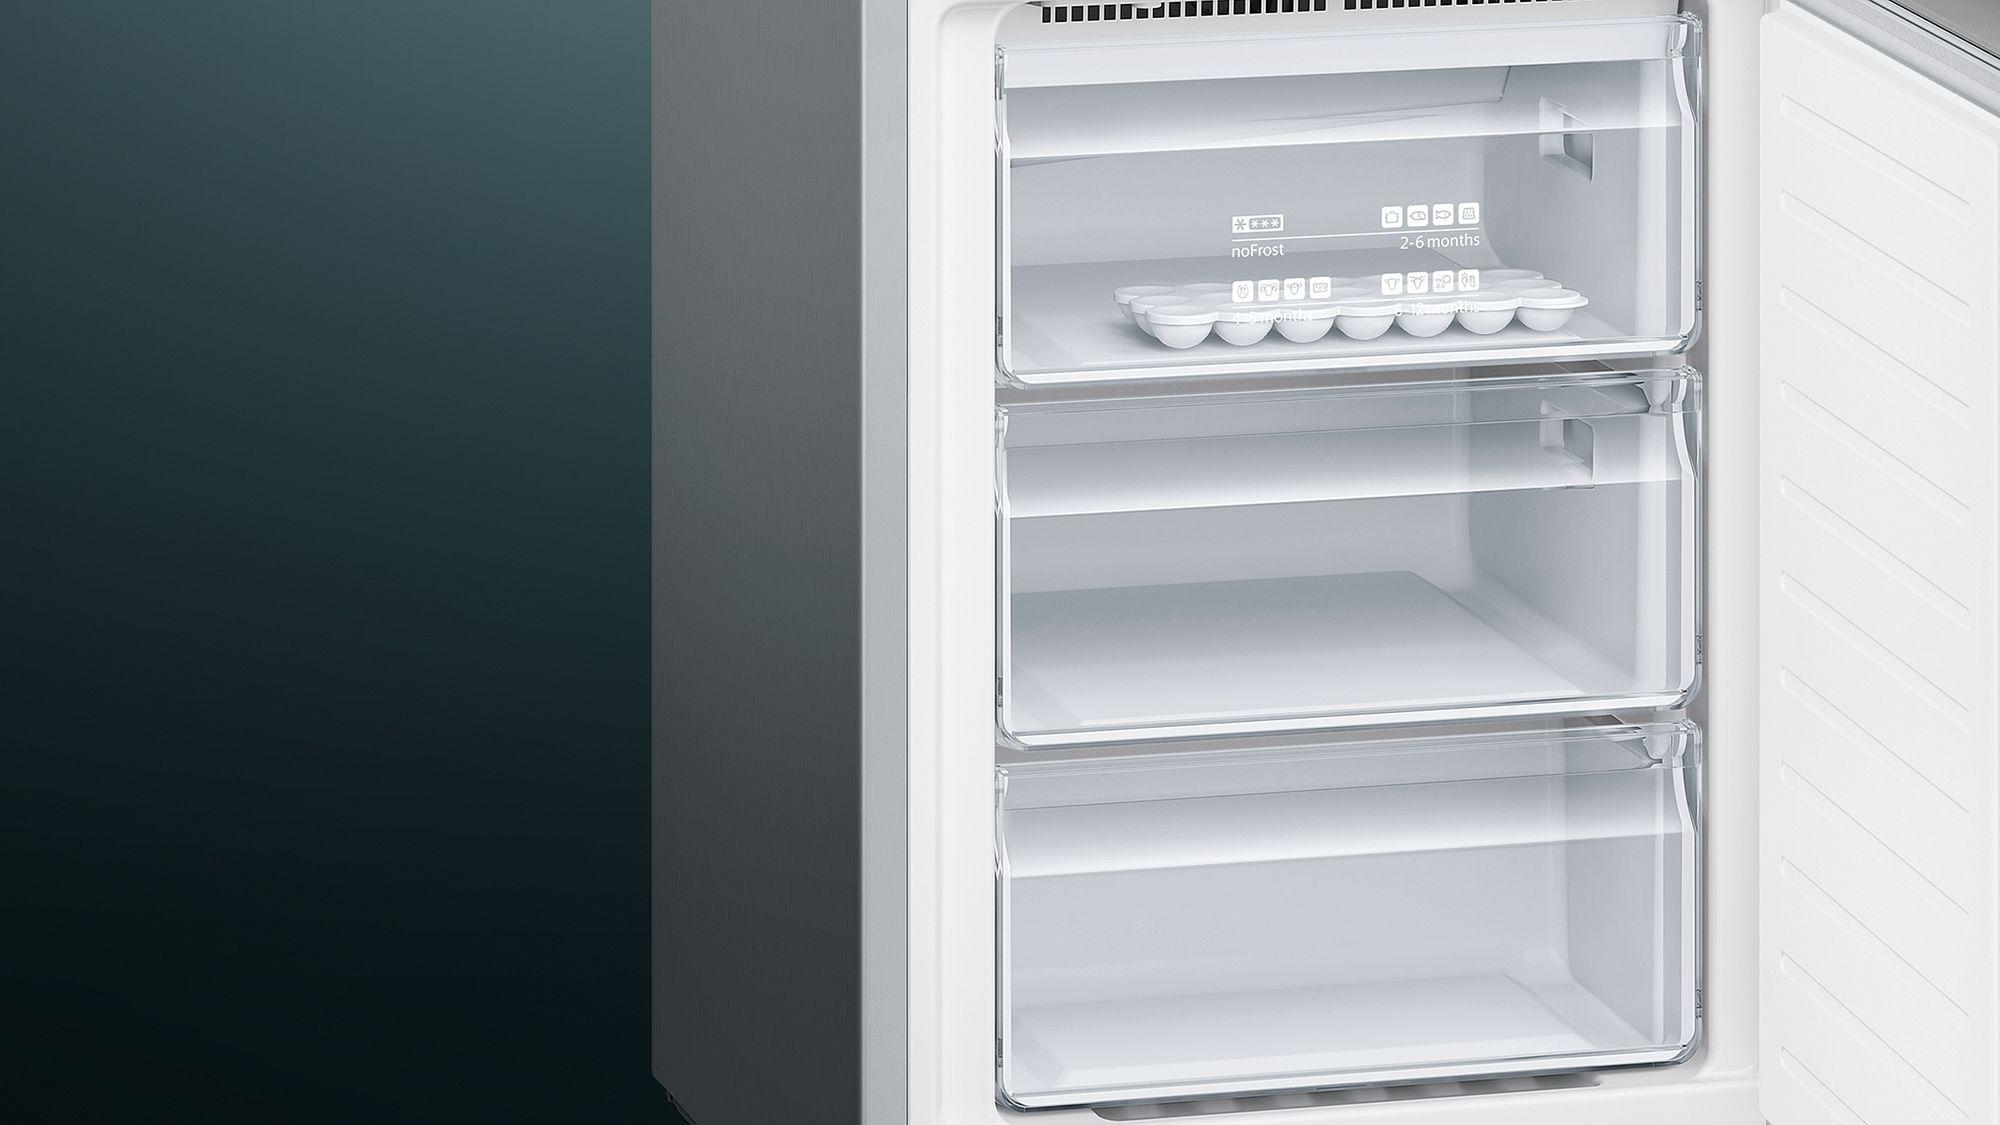 Siemens Kühlschrank No Frost : Siemens kühl gefrier kombination nofrost türen edelstahl